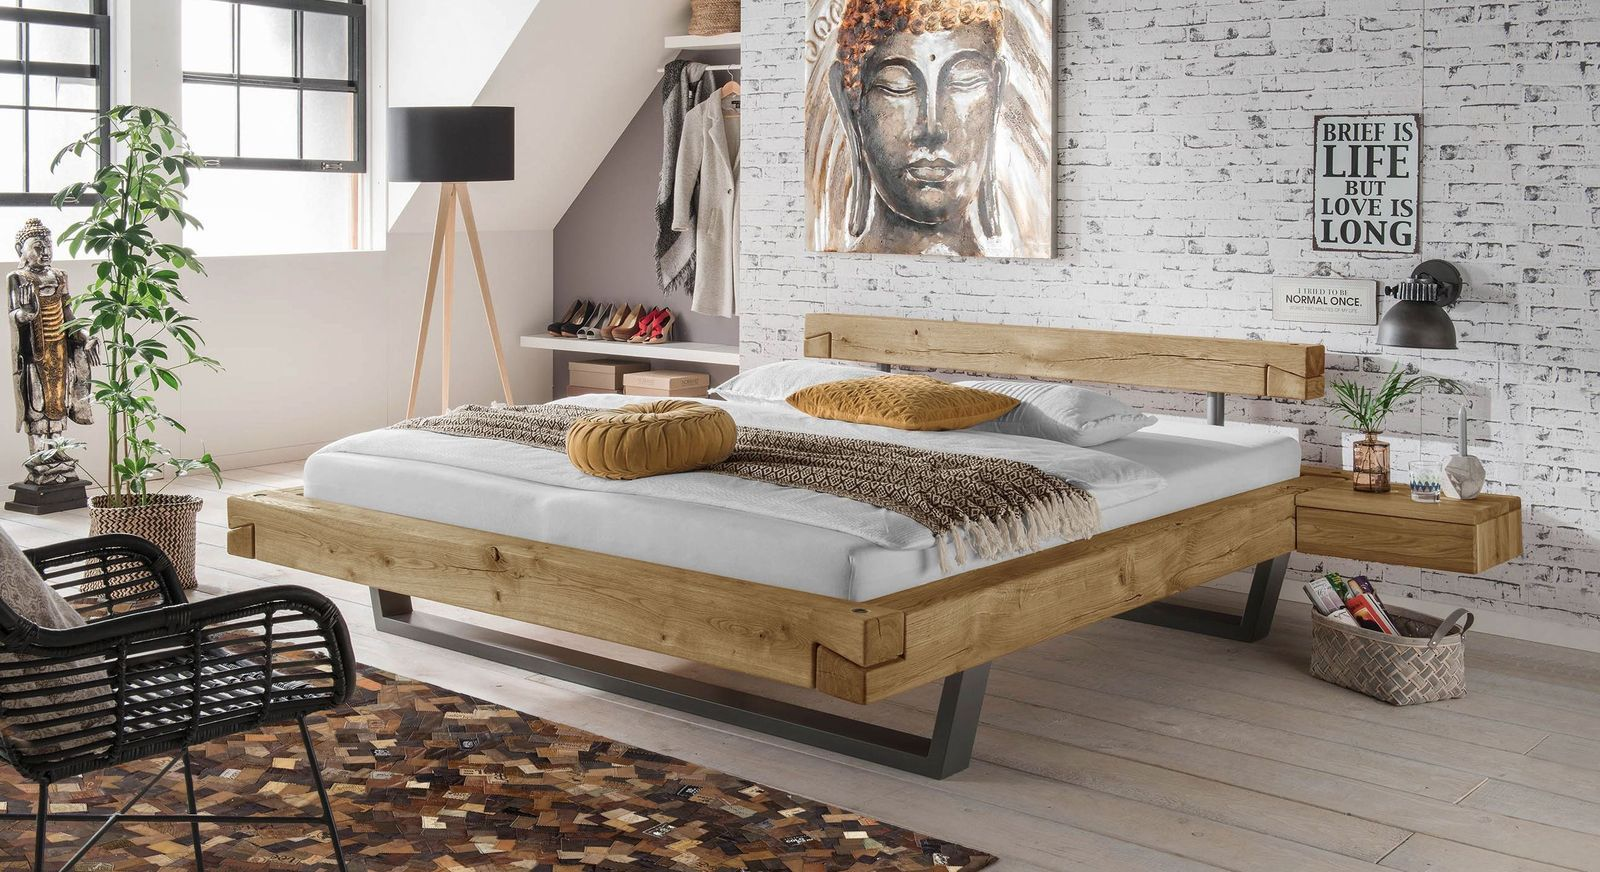 Echtholz Balkenbett Aus Wildeiche In Schwebeoptik Arsos Schwebebett Bett Eiche Schwebendes Bett